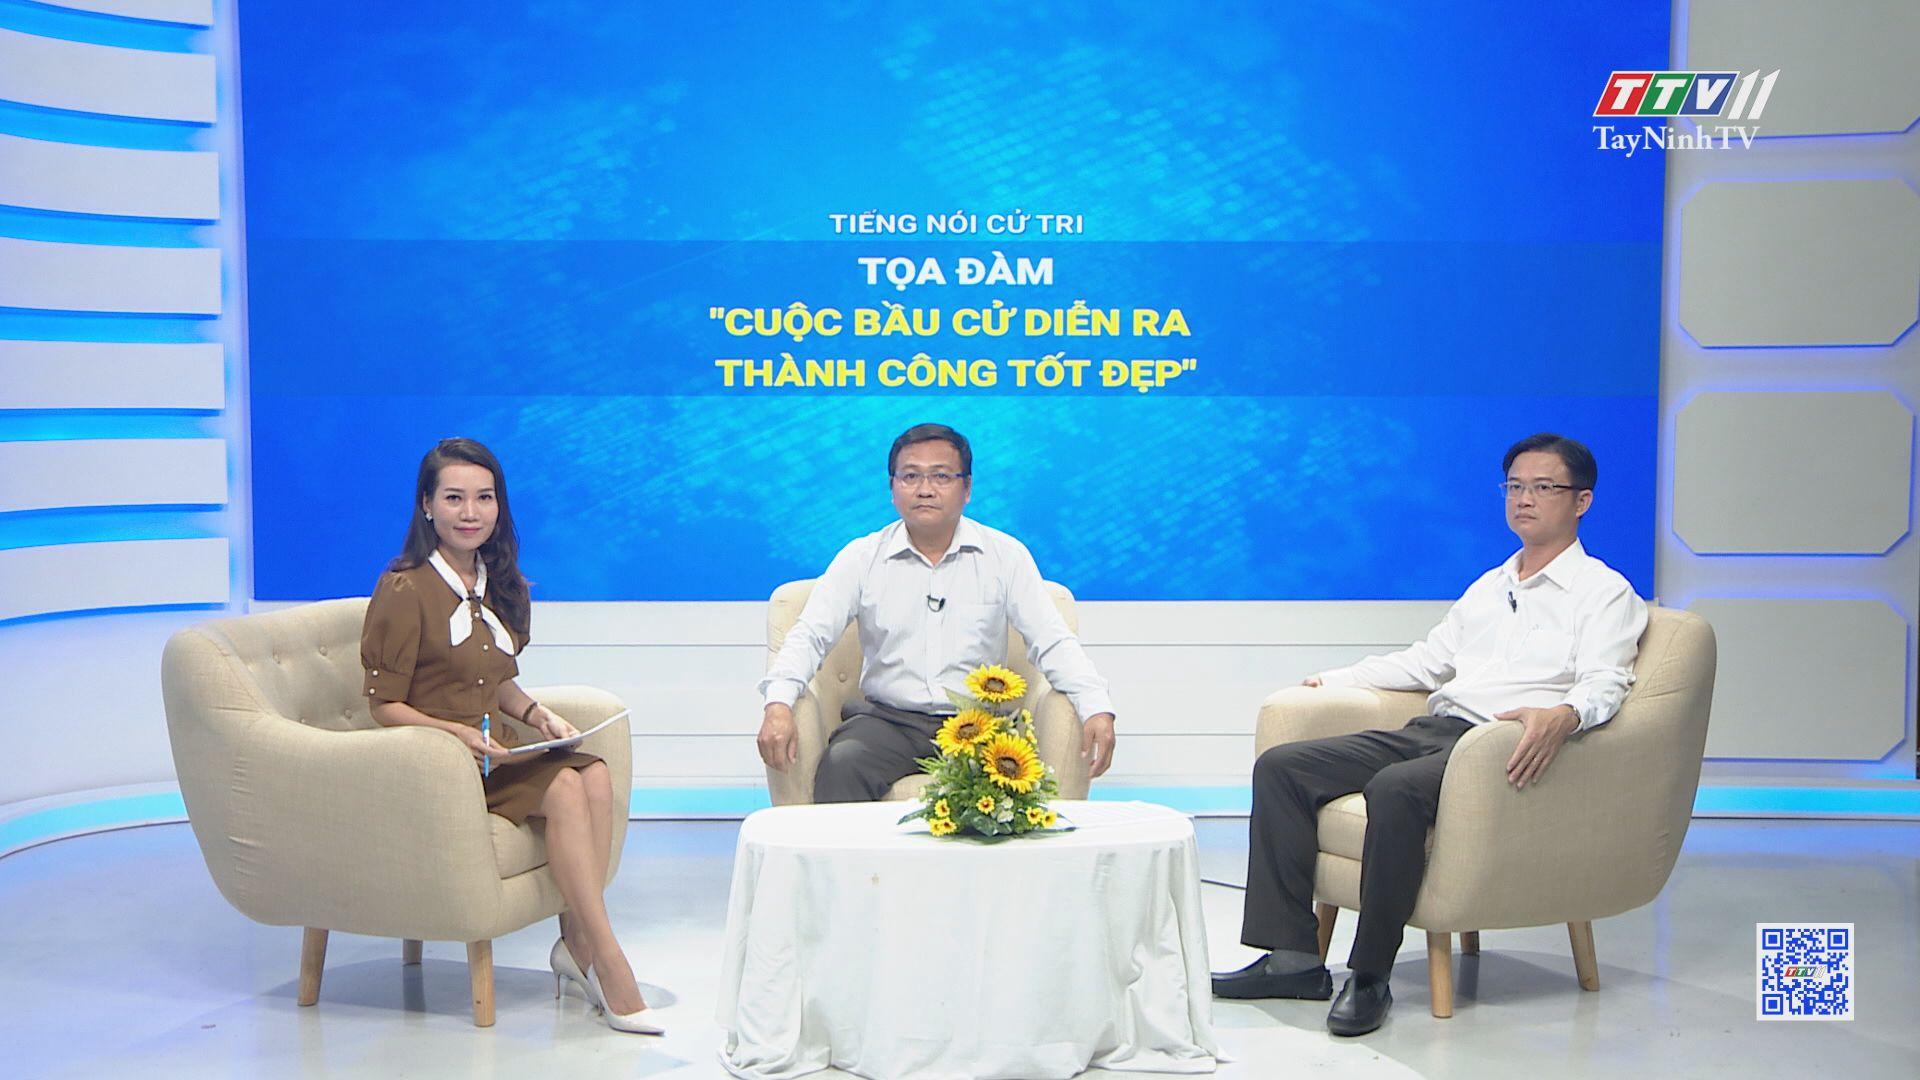 Cuộc bầu cử diễn ra thành công tốt đẹp   TIẾNG NÓI CỬ TRI   TayNinhTV